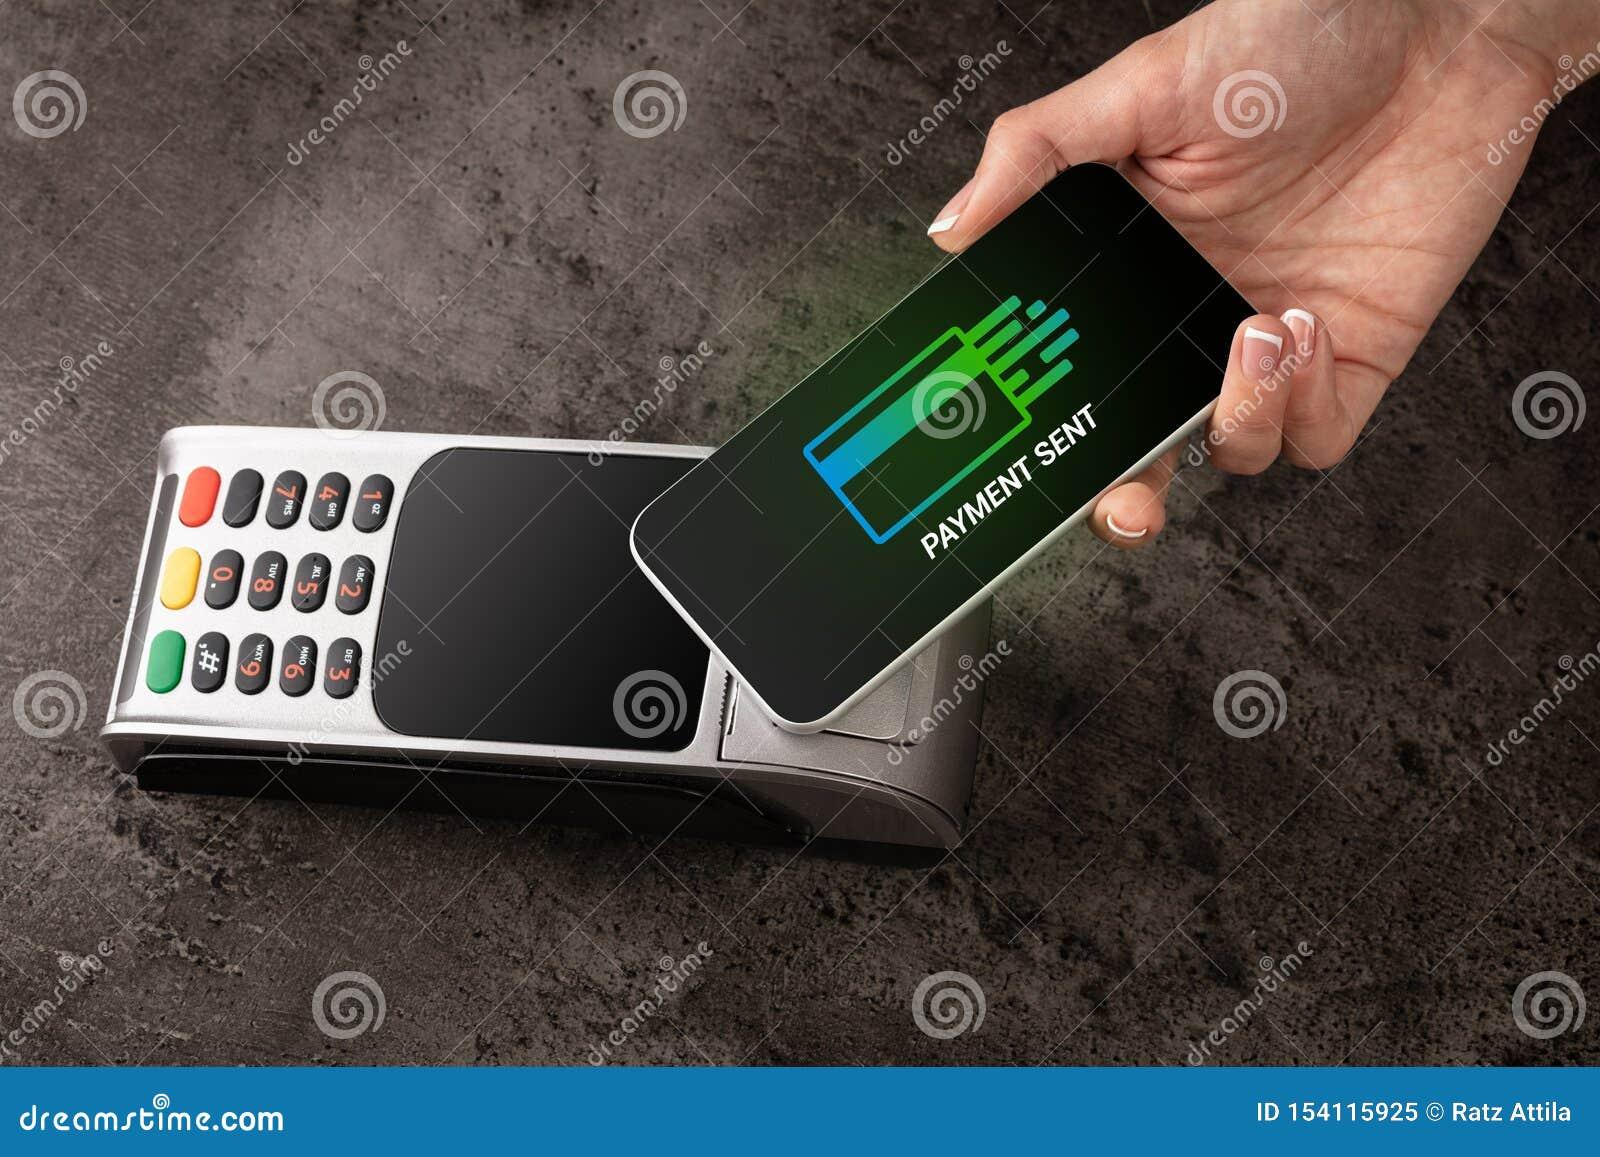 Zahlung Mit Handy